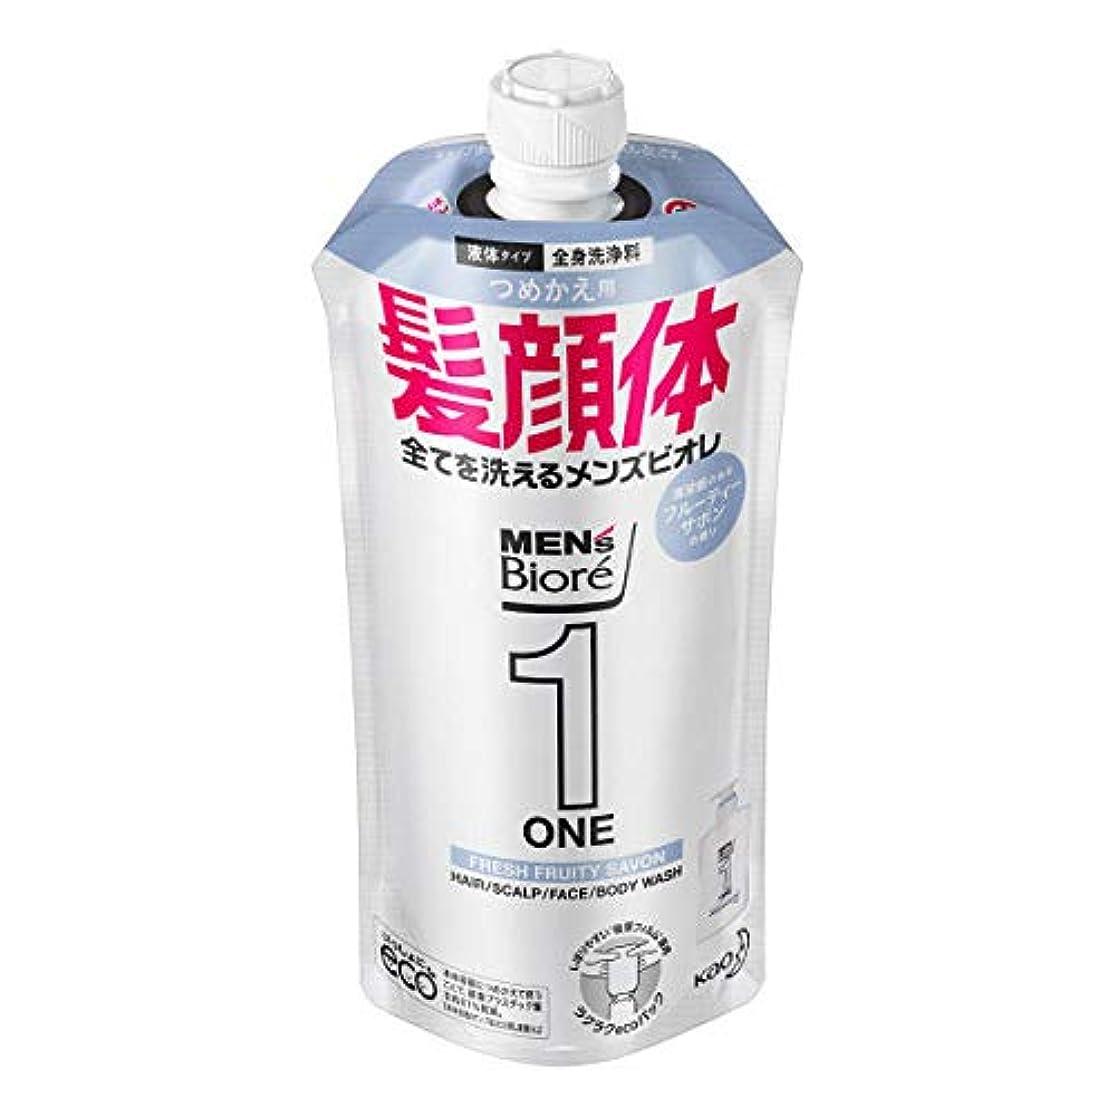 ほこりっぽい未来安らぎメンズビオレONE オールインワン全身洗浄料 清潔感のあるフルーティーサボンの香り つめかえ用 340mL